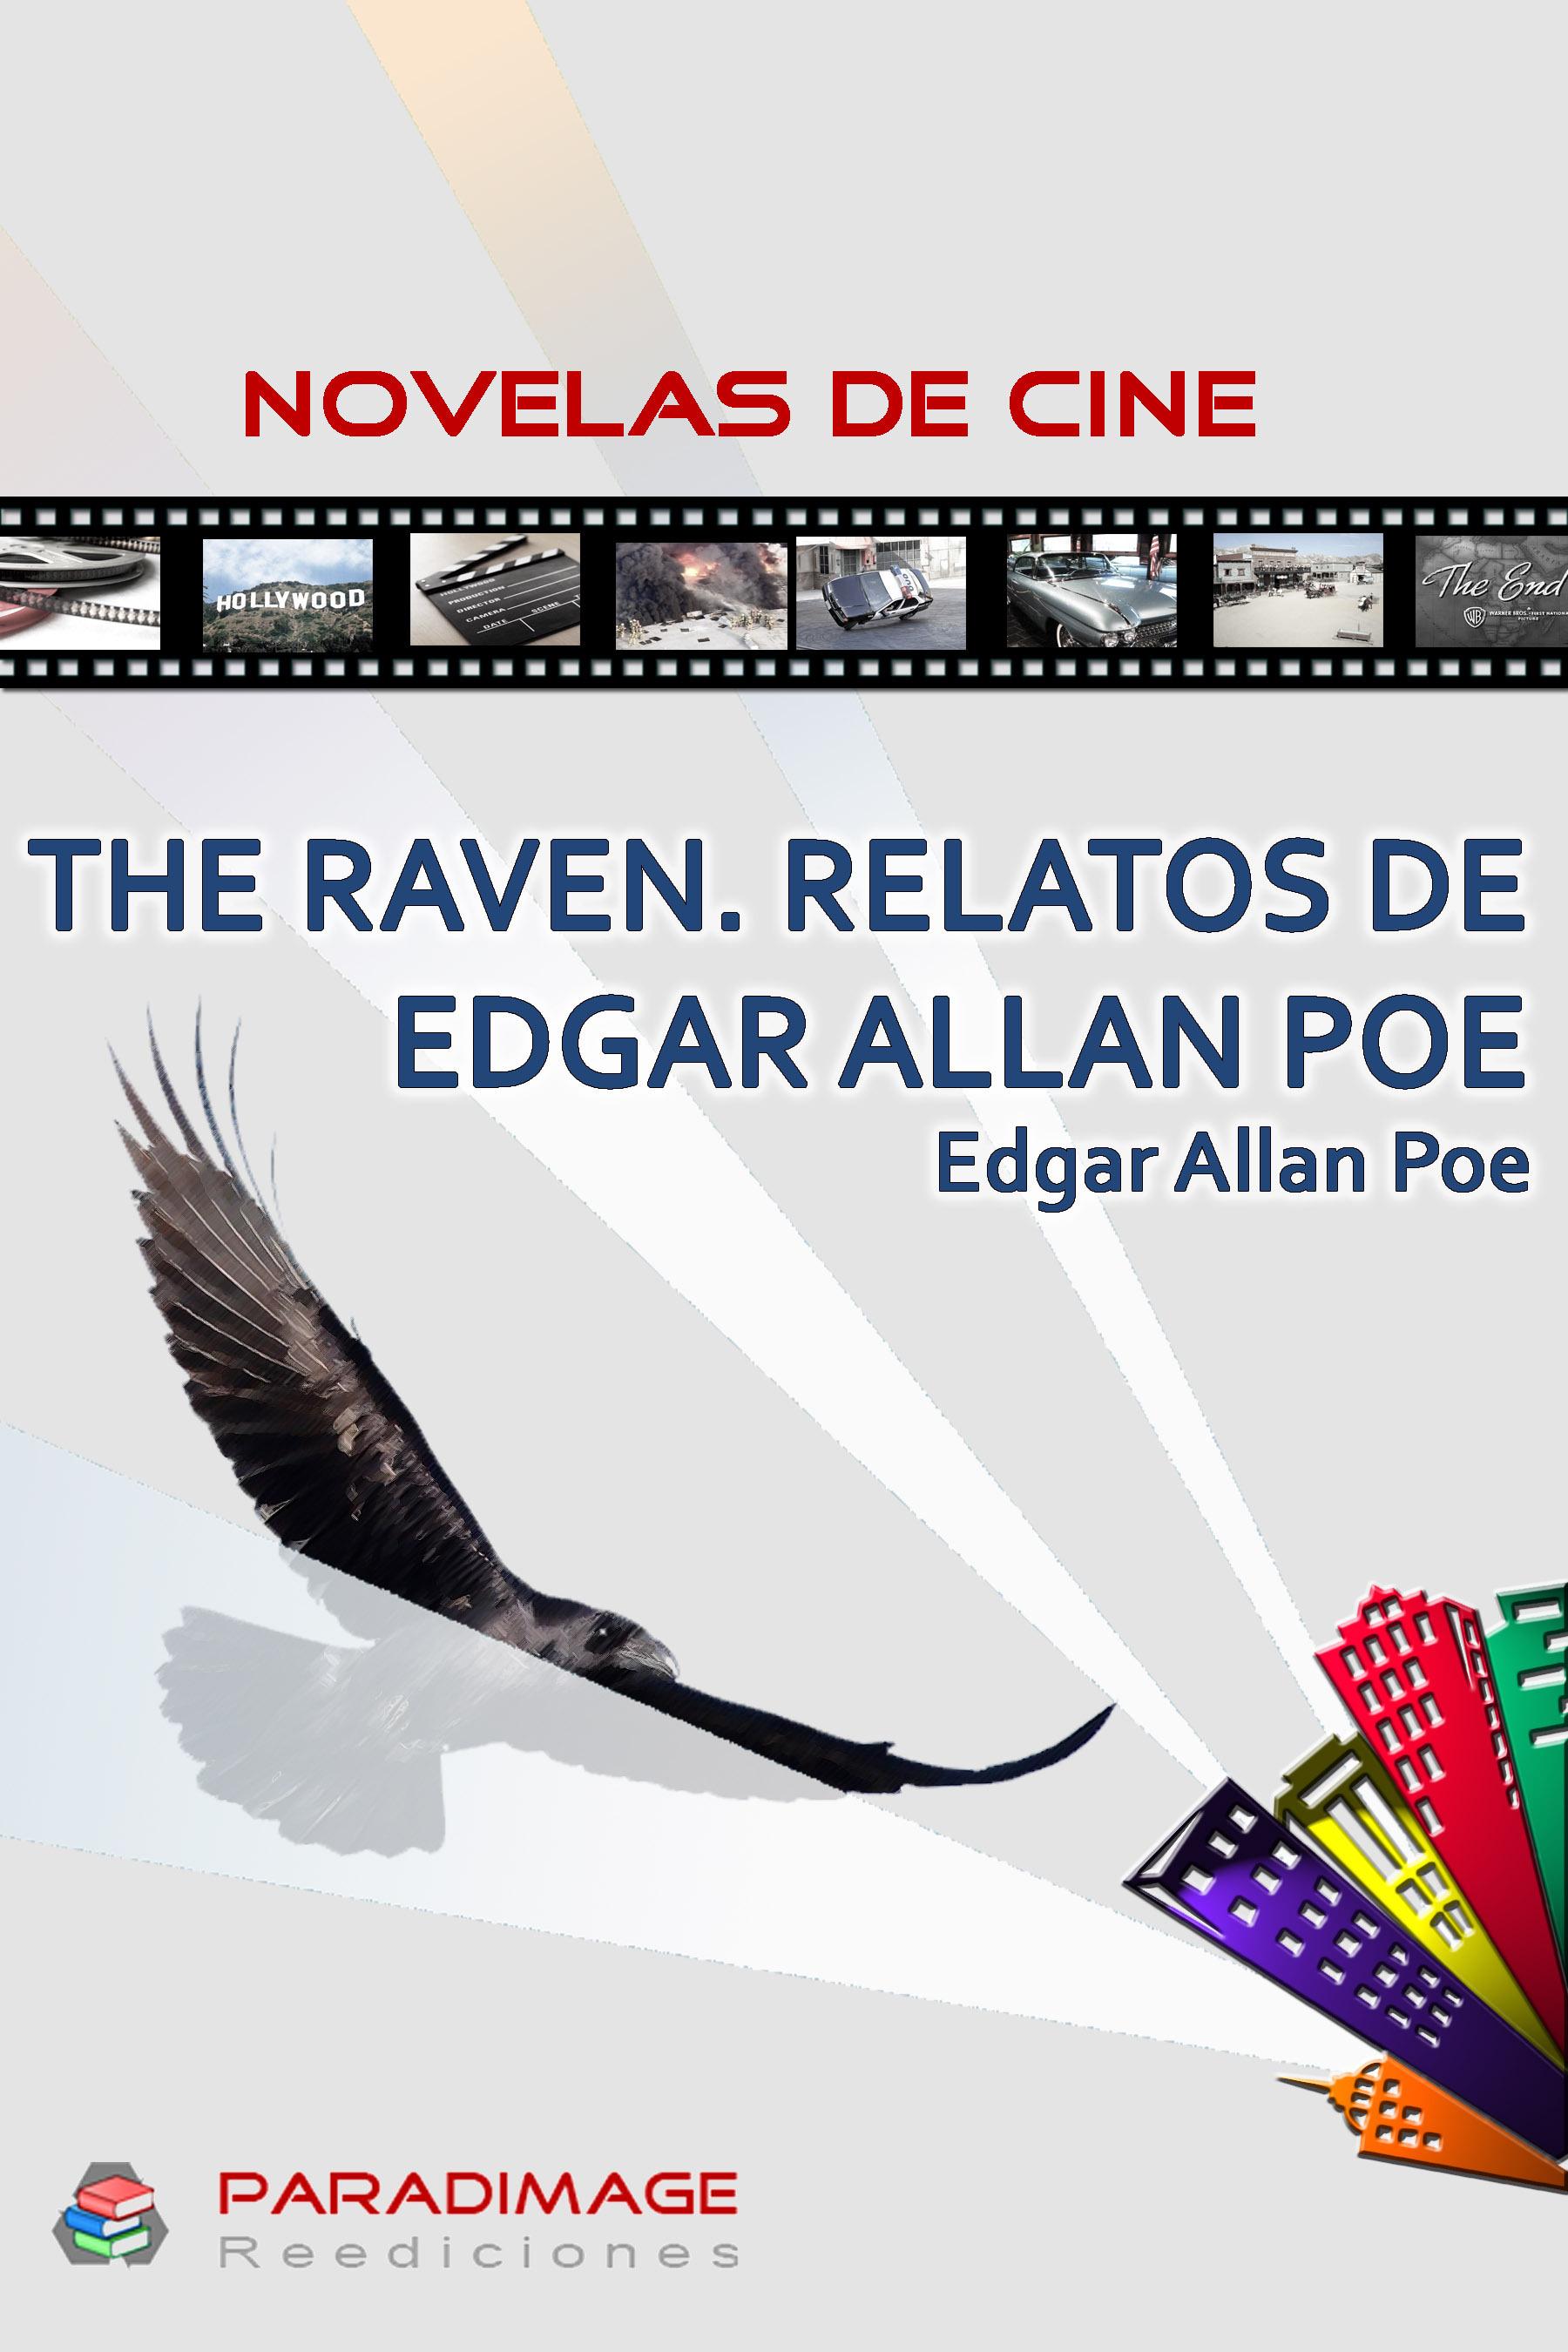 The Raven. Relatos de Edgar Allan Poe